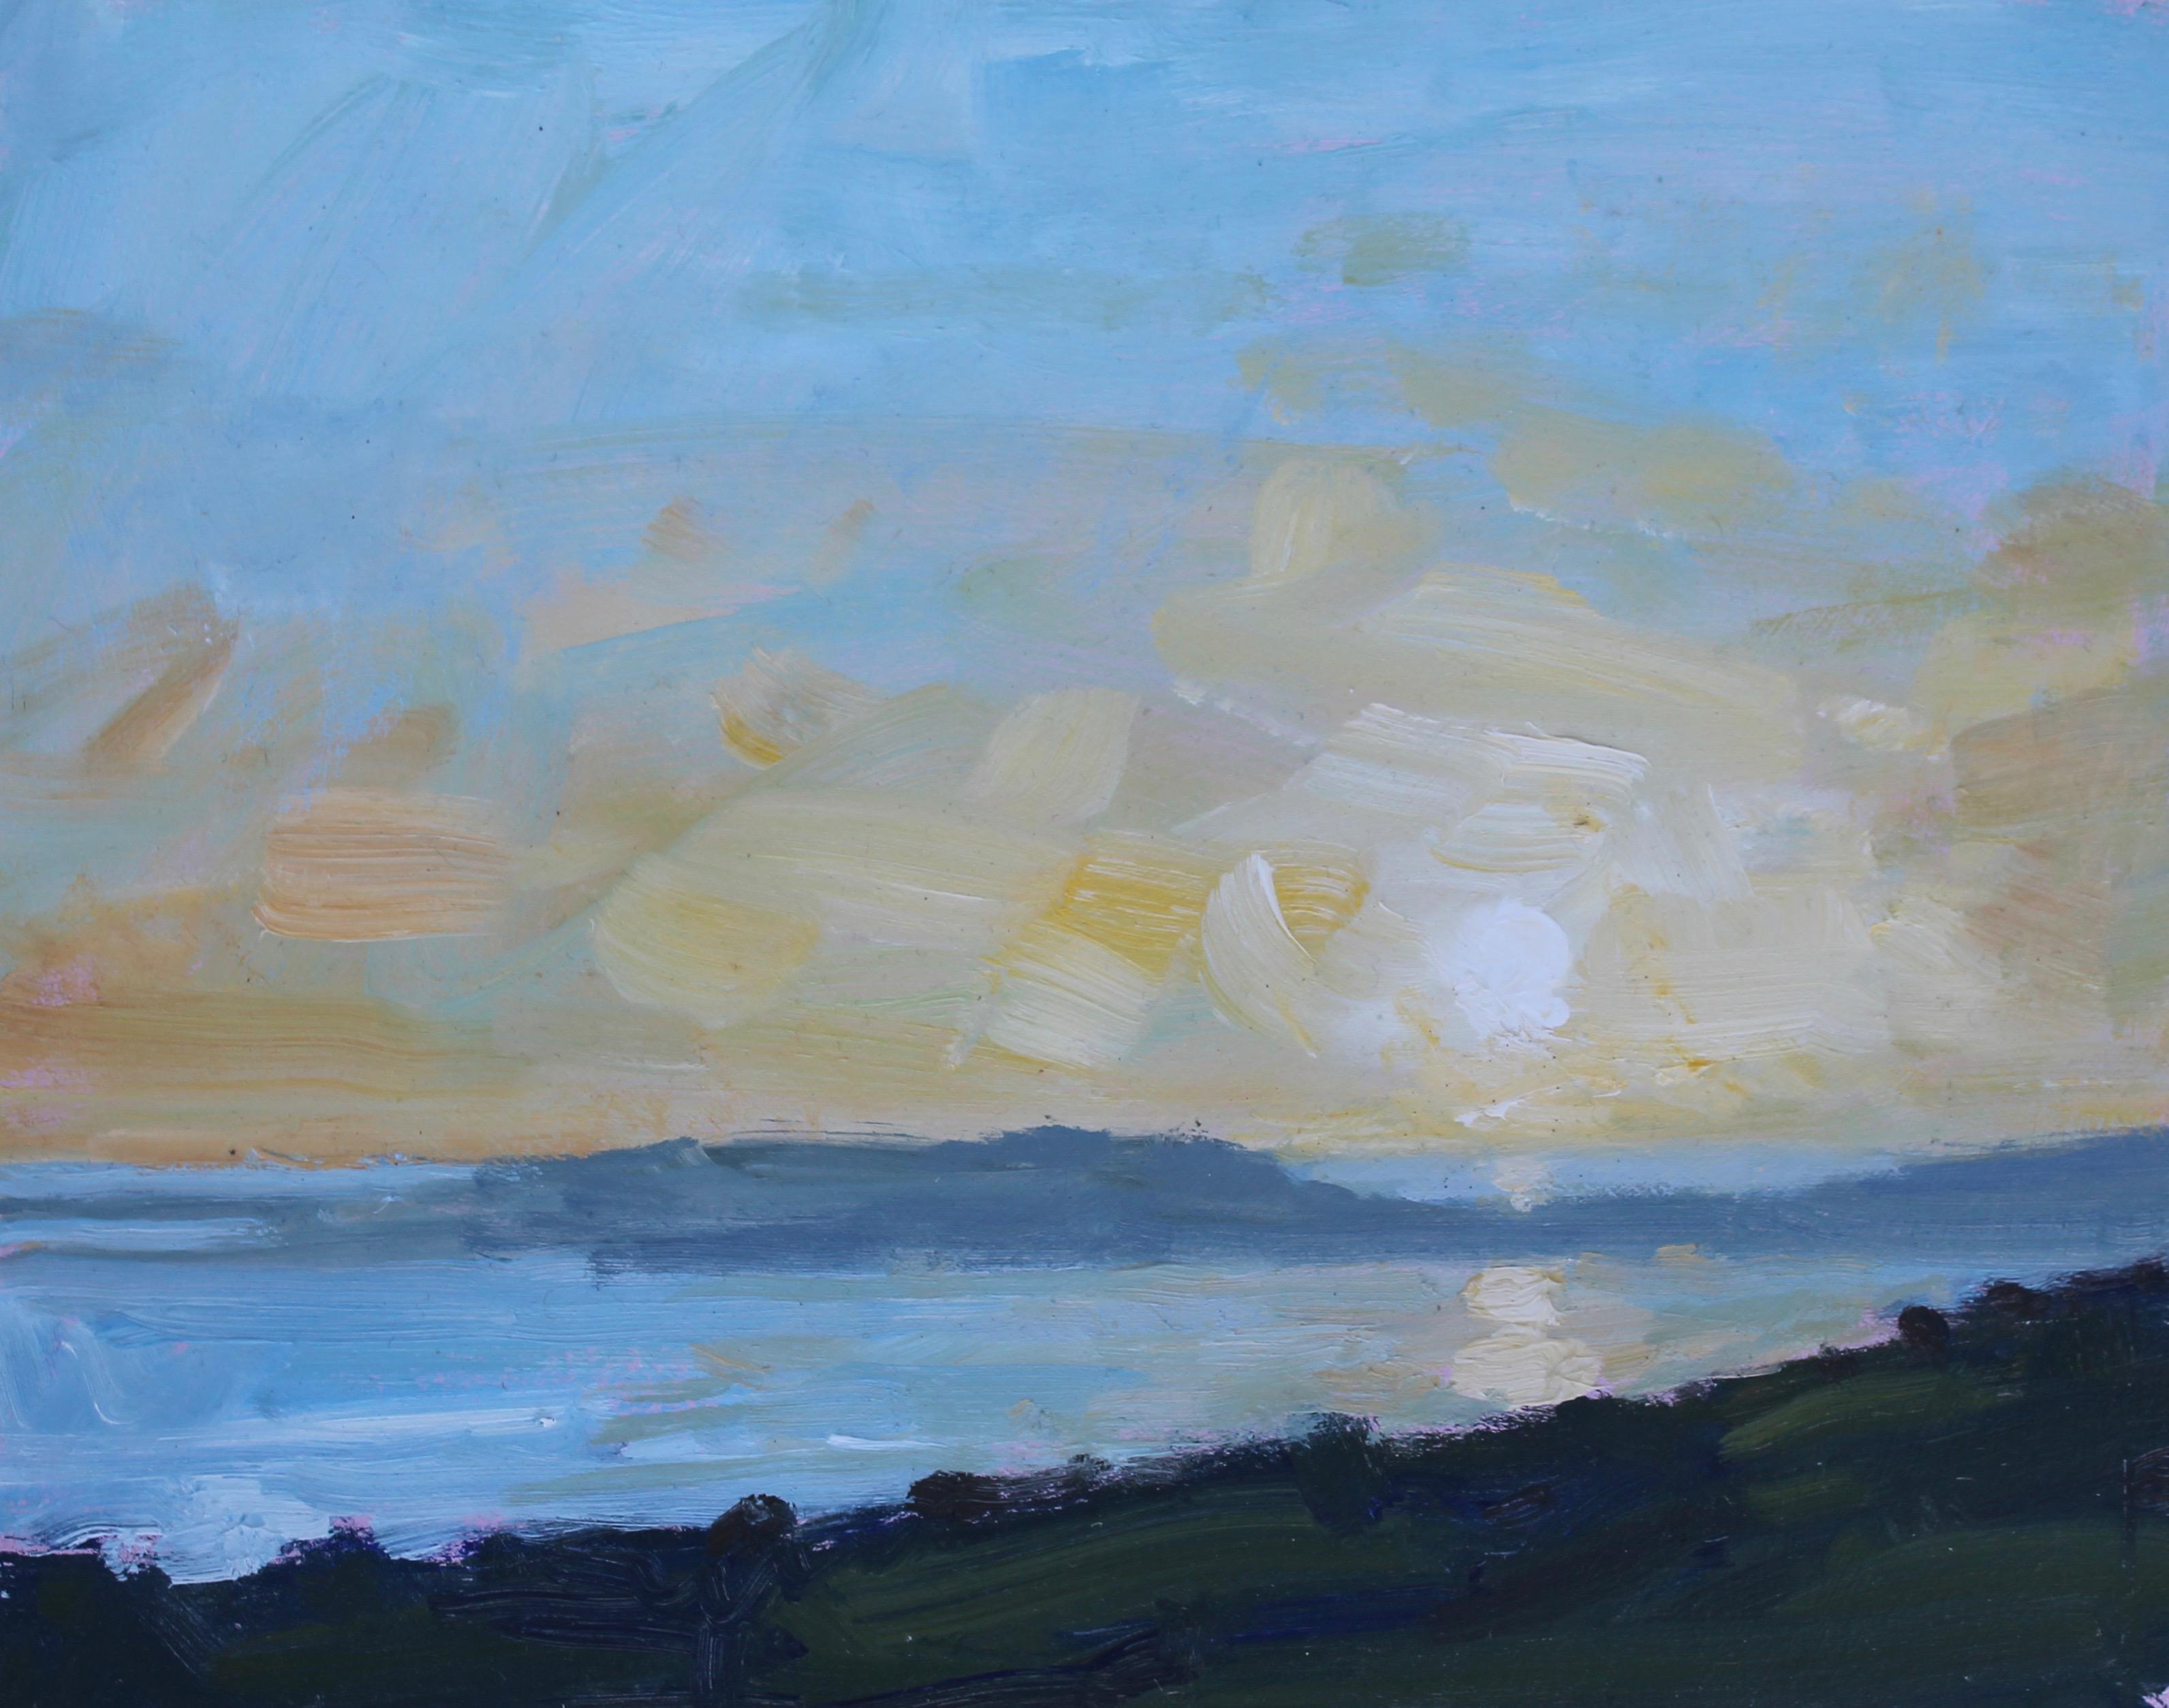 Sinking sun, Weymouth Bay